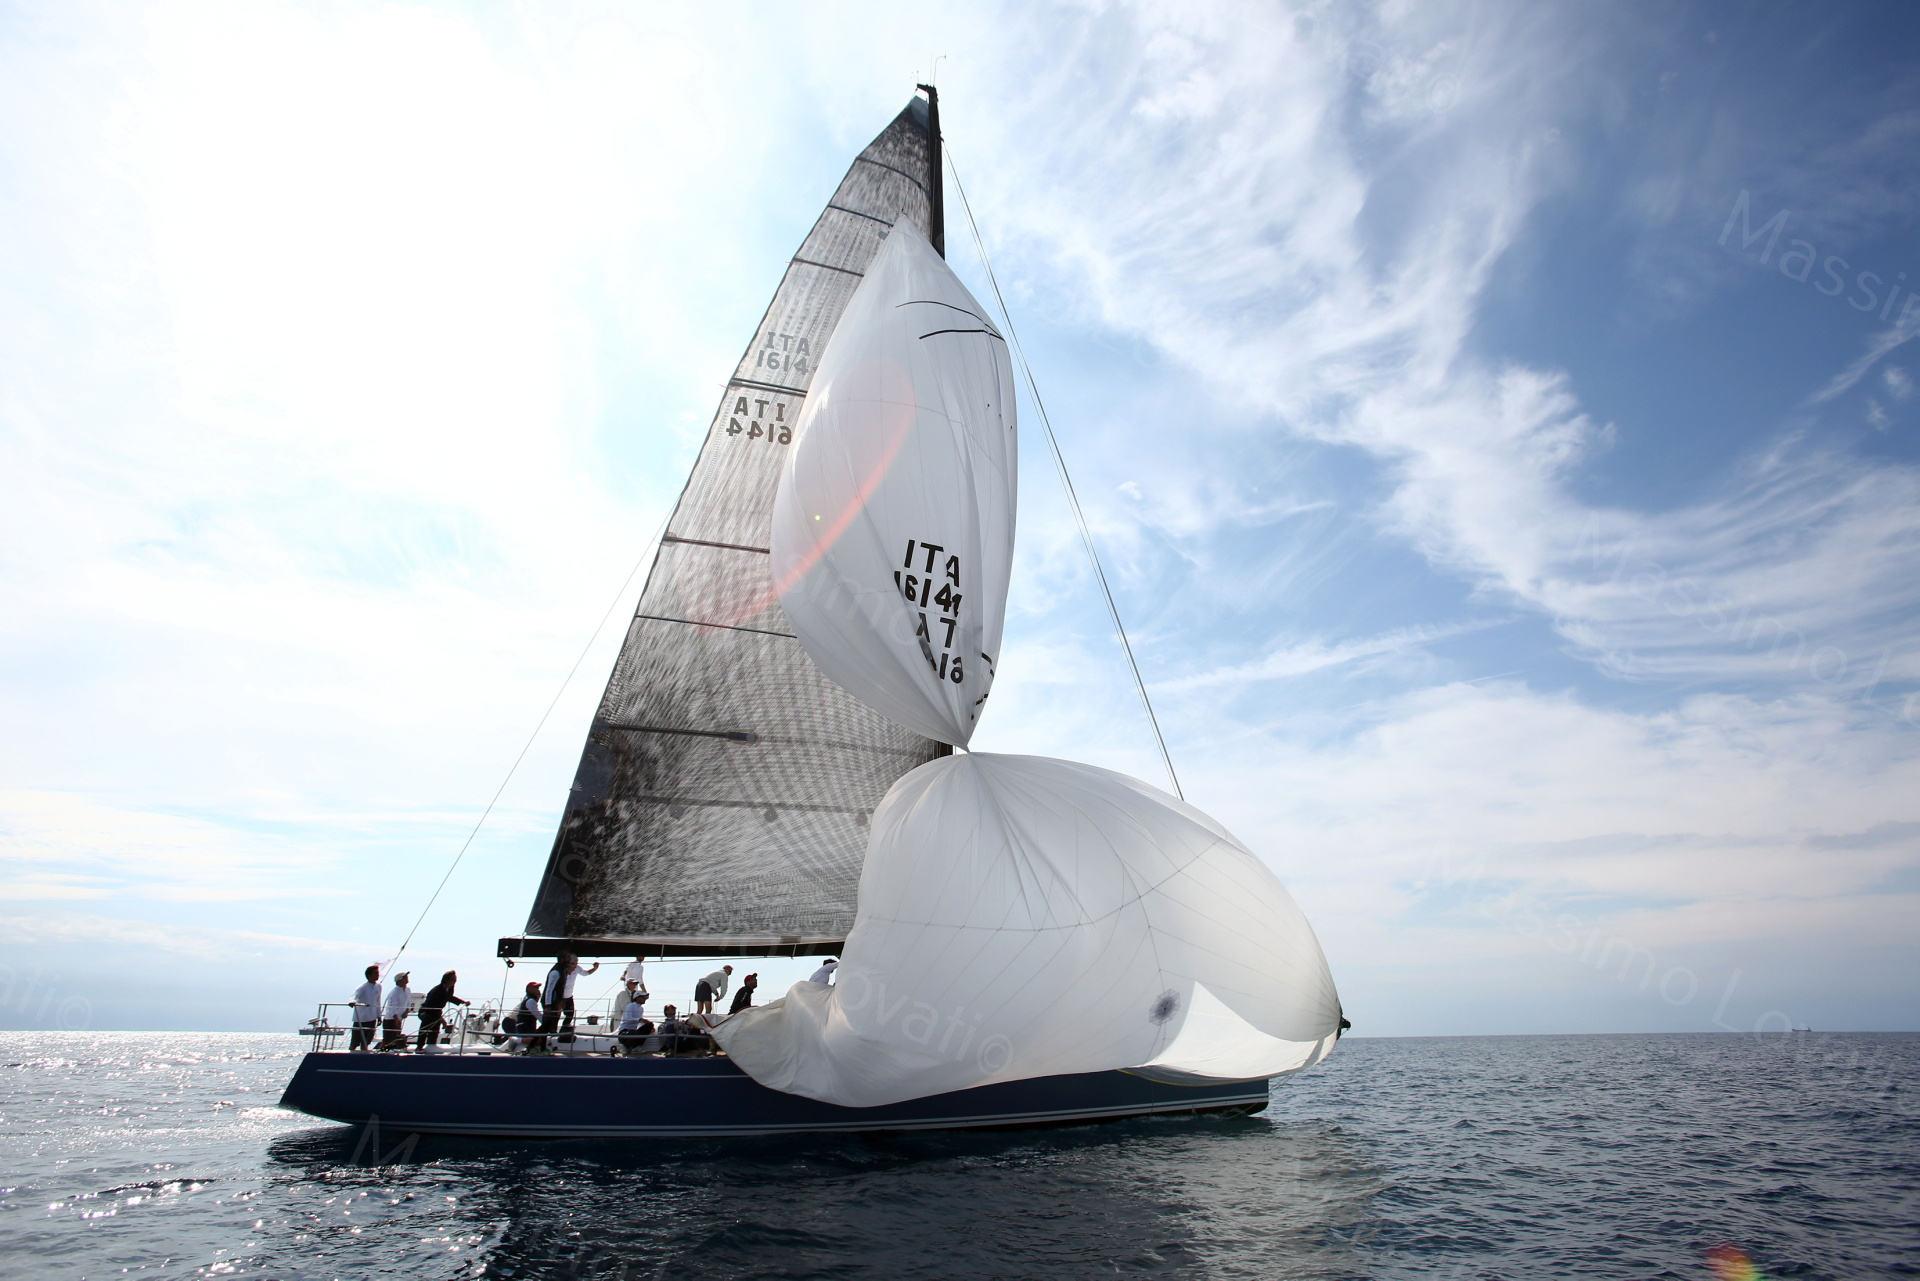 23/09/2017 Genova, Regata Millevele, nella foto Itacentodue ( primo classificato) con le vele a caramella